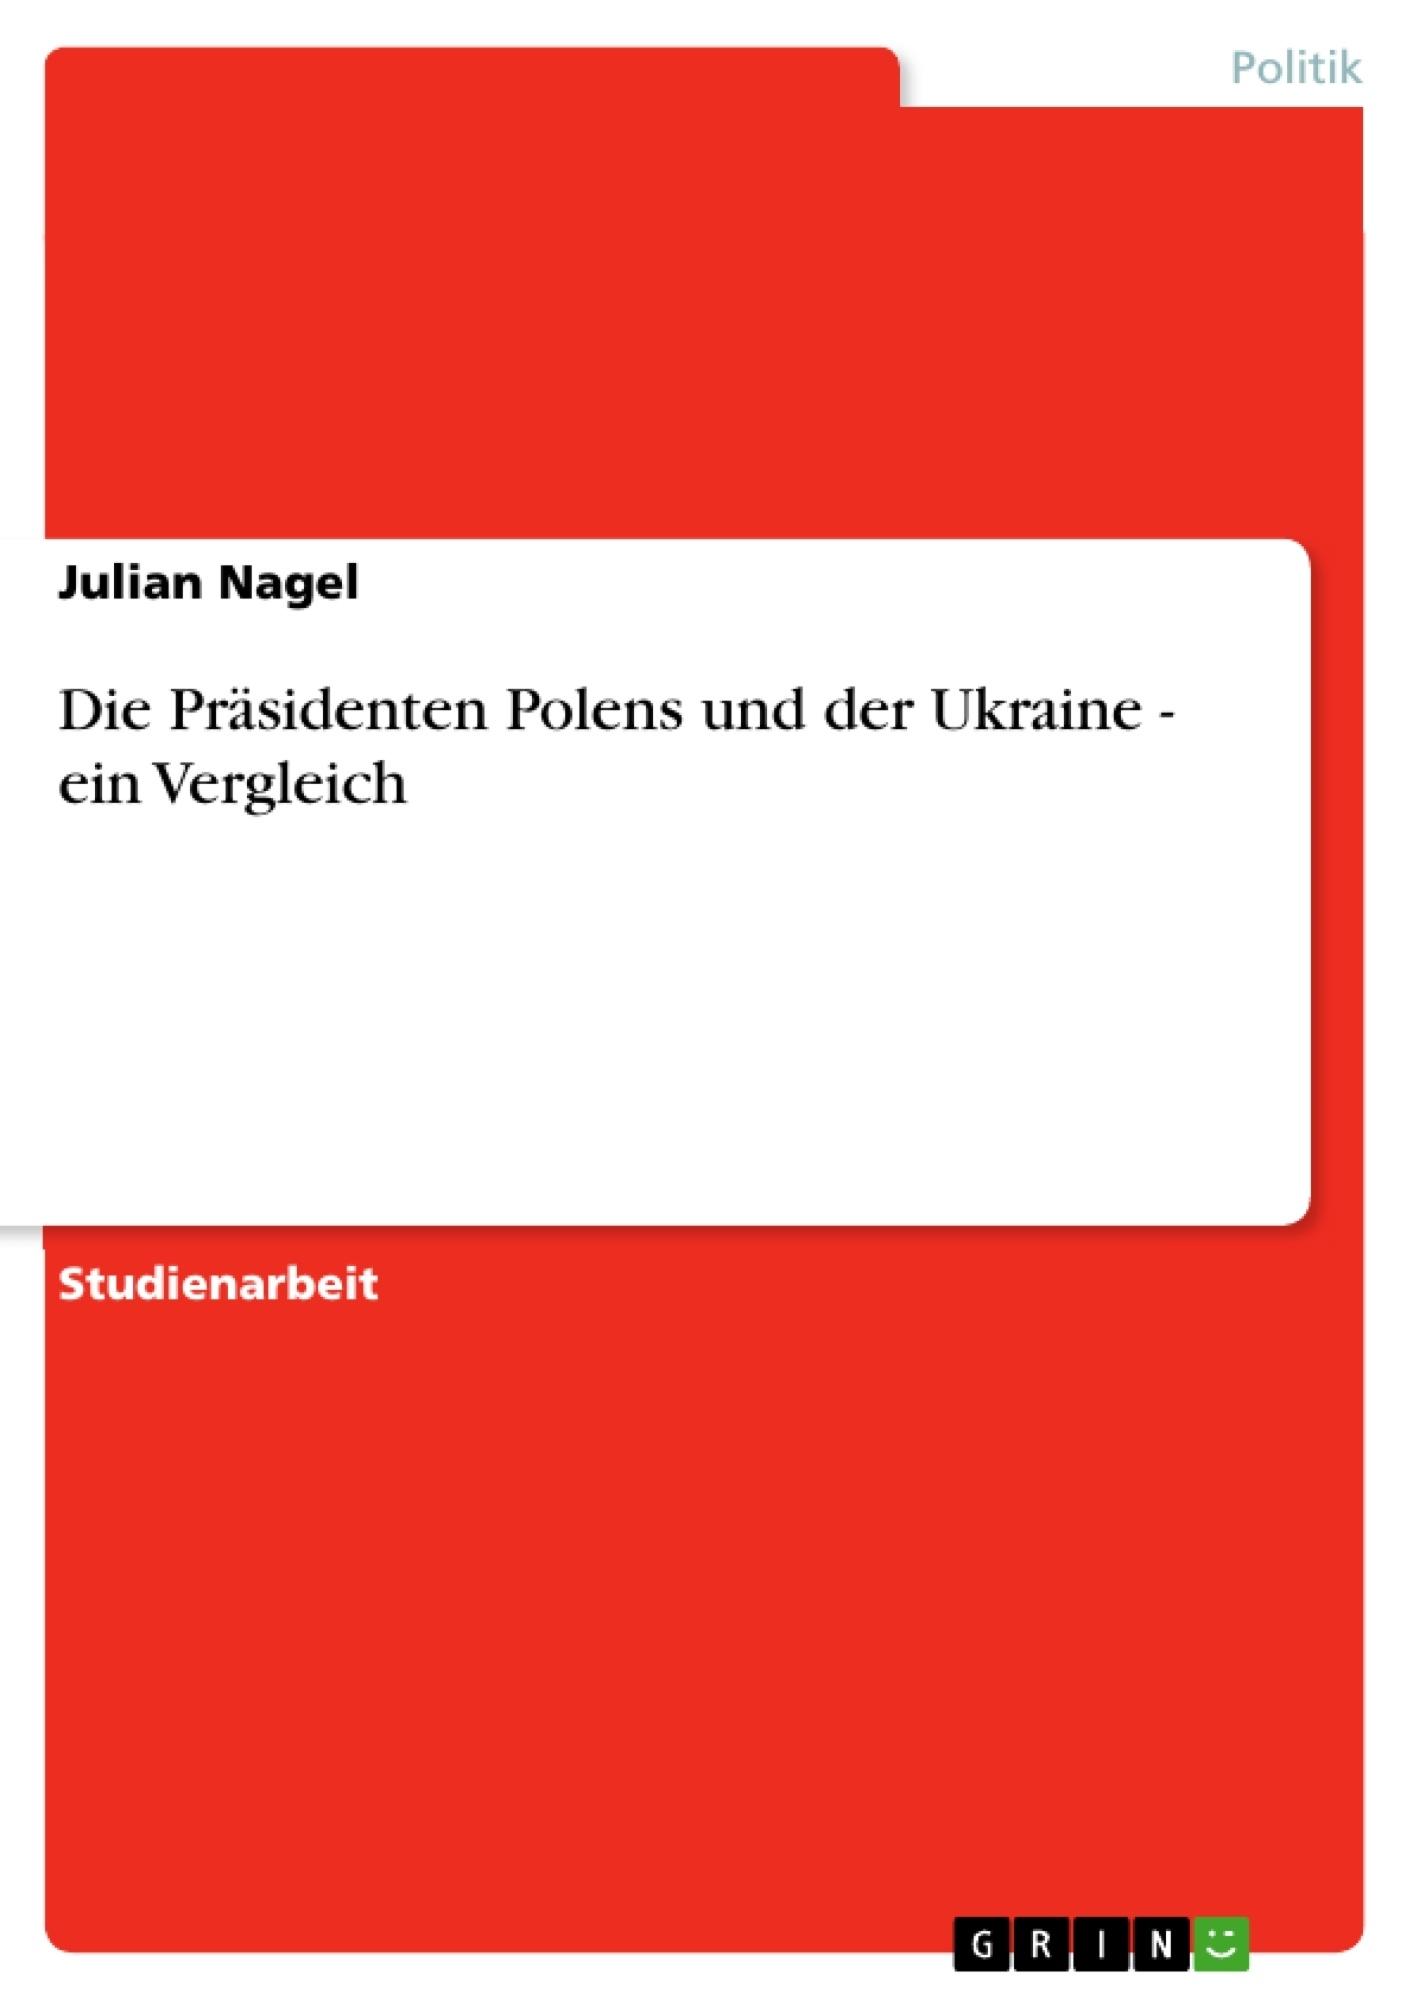 Titel: Die Präsidenten Polens und der Ukraine - ein Vergleich